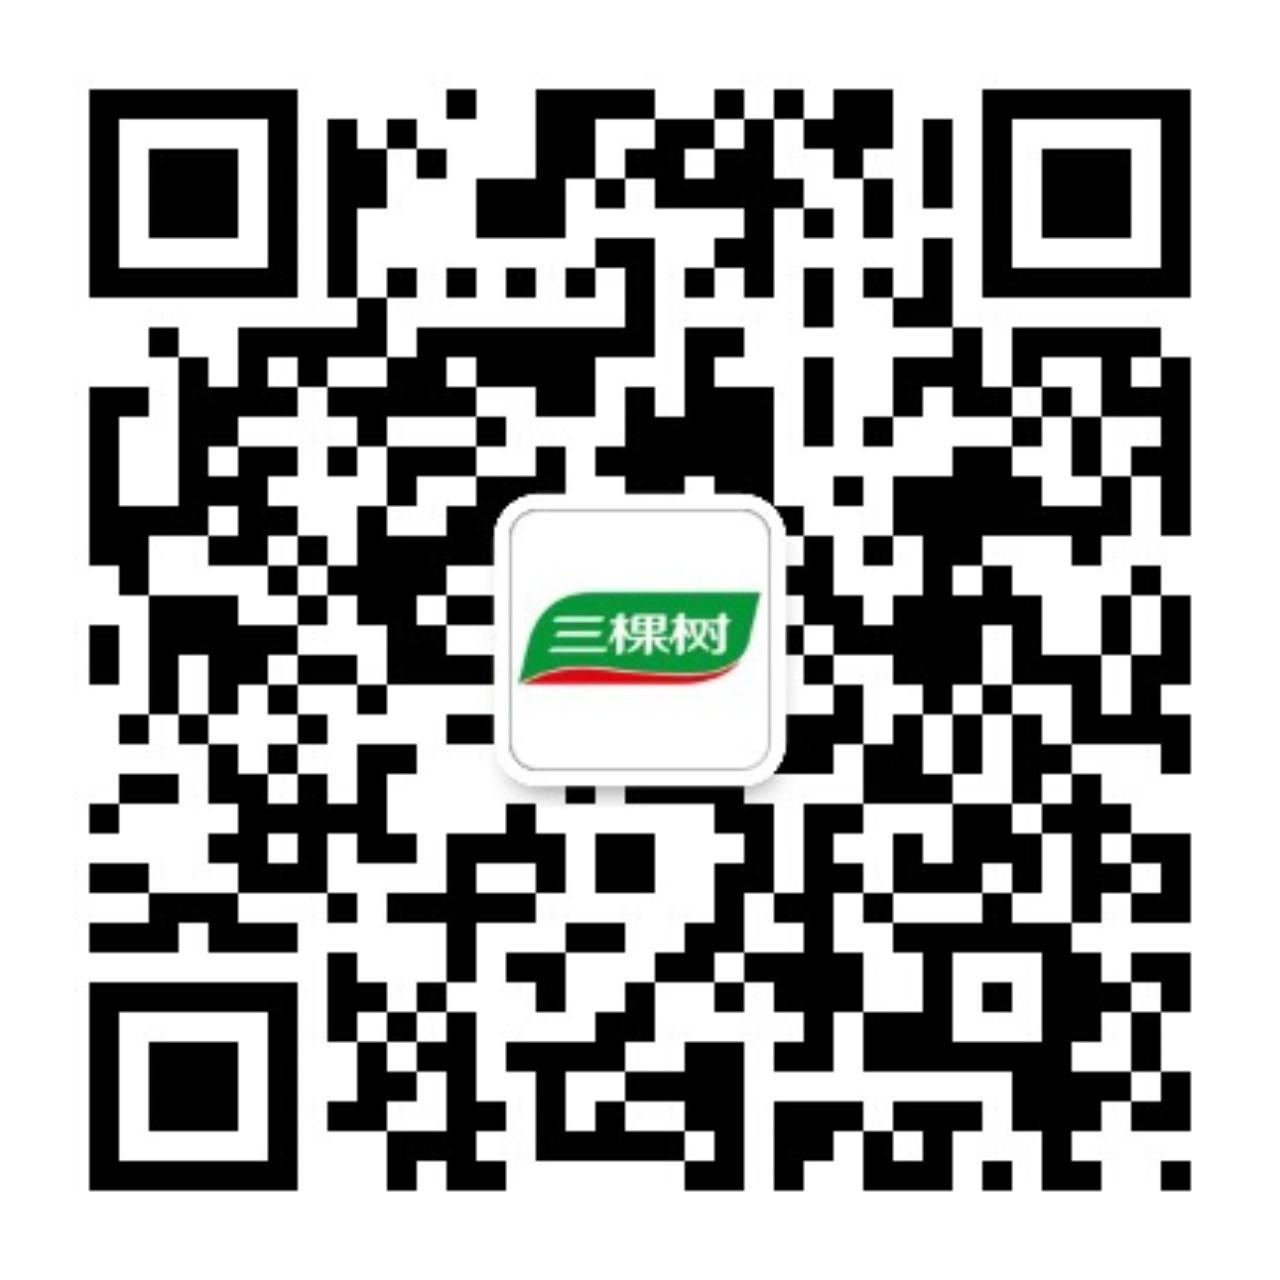 1629858178(1).jpg